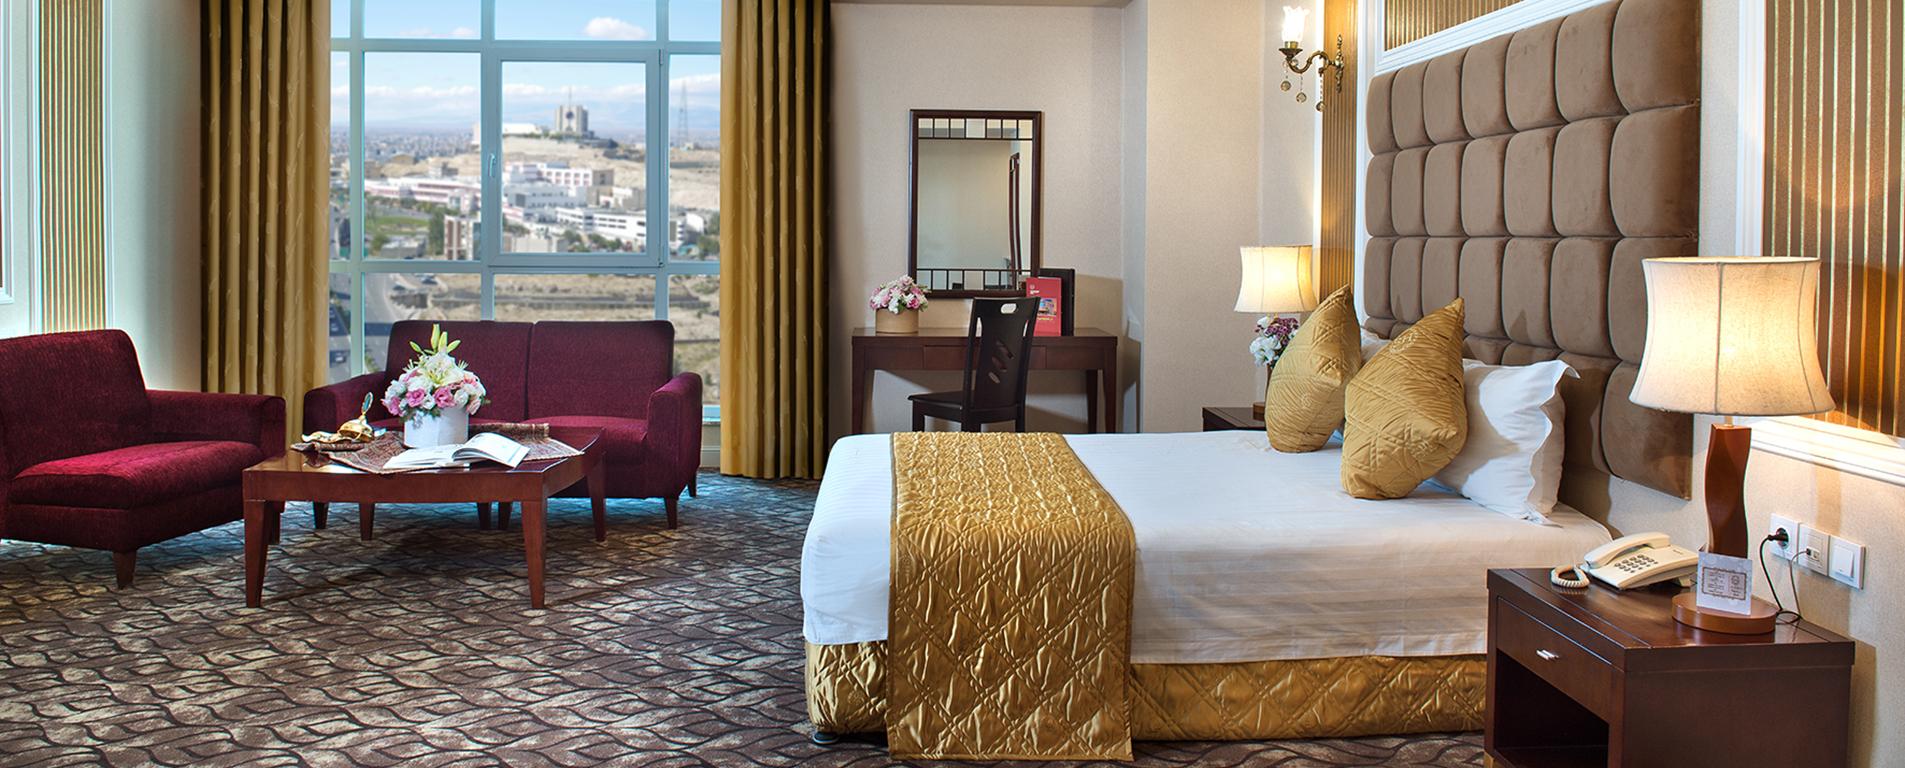 هتل های تبریز ، اقامتی به یاد ماندنی در شهر تاریخی آذربایجان